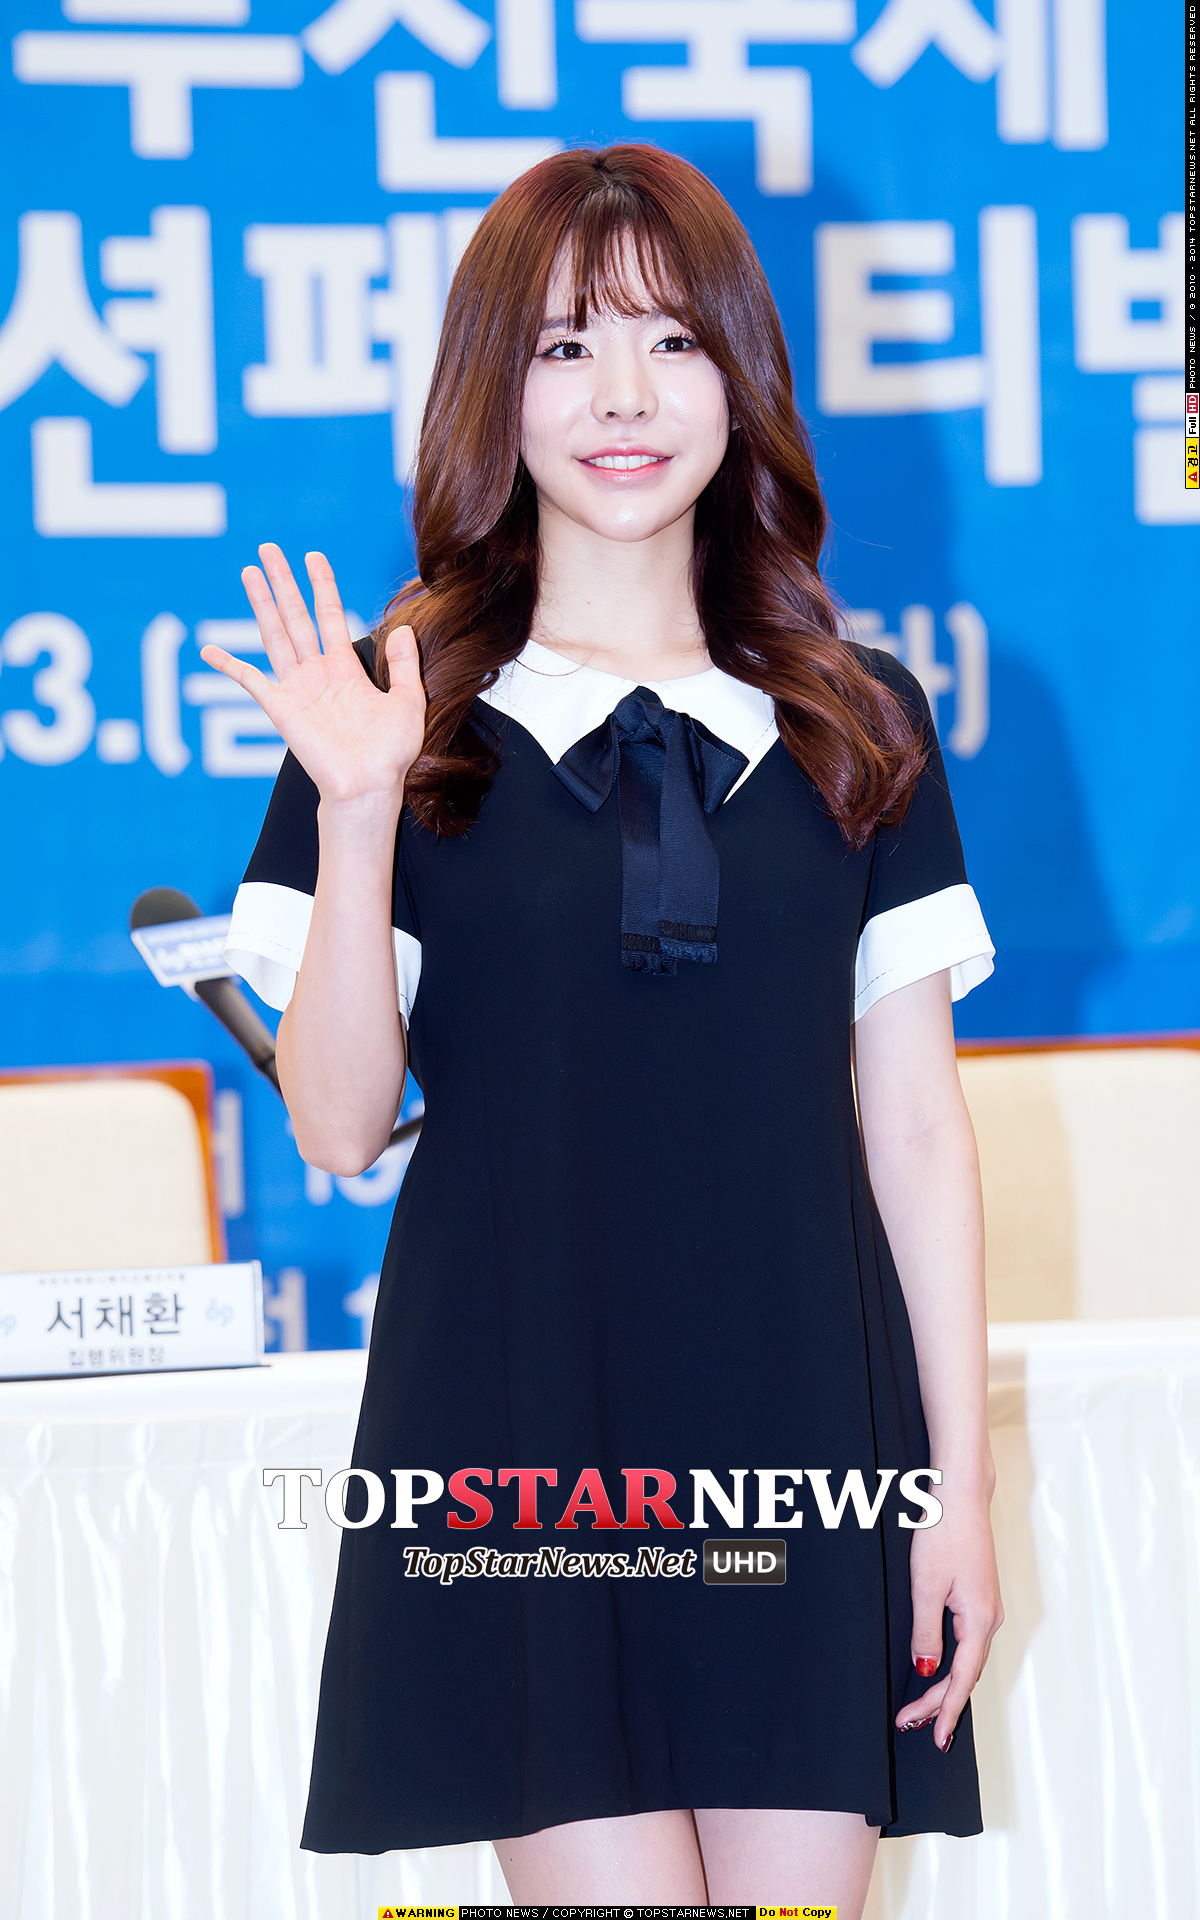 2.少女時代 Sunny 之前在節目中透露自己是成員中酒量最好的,申東燁也表示聚餐時沒看過Sunny醉過